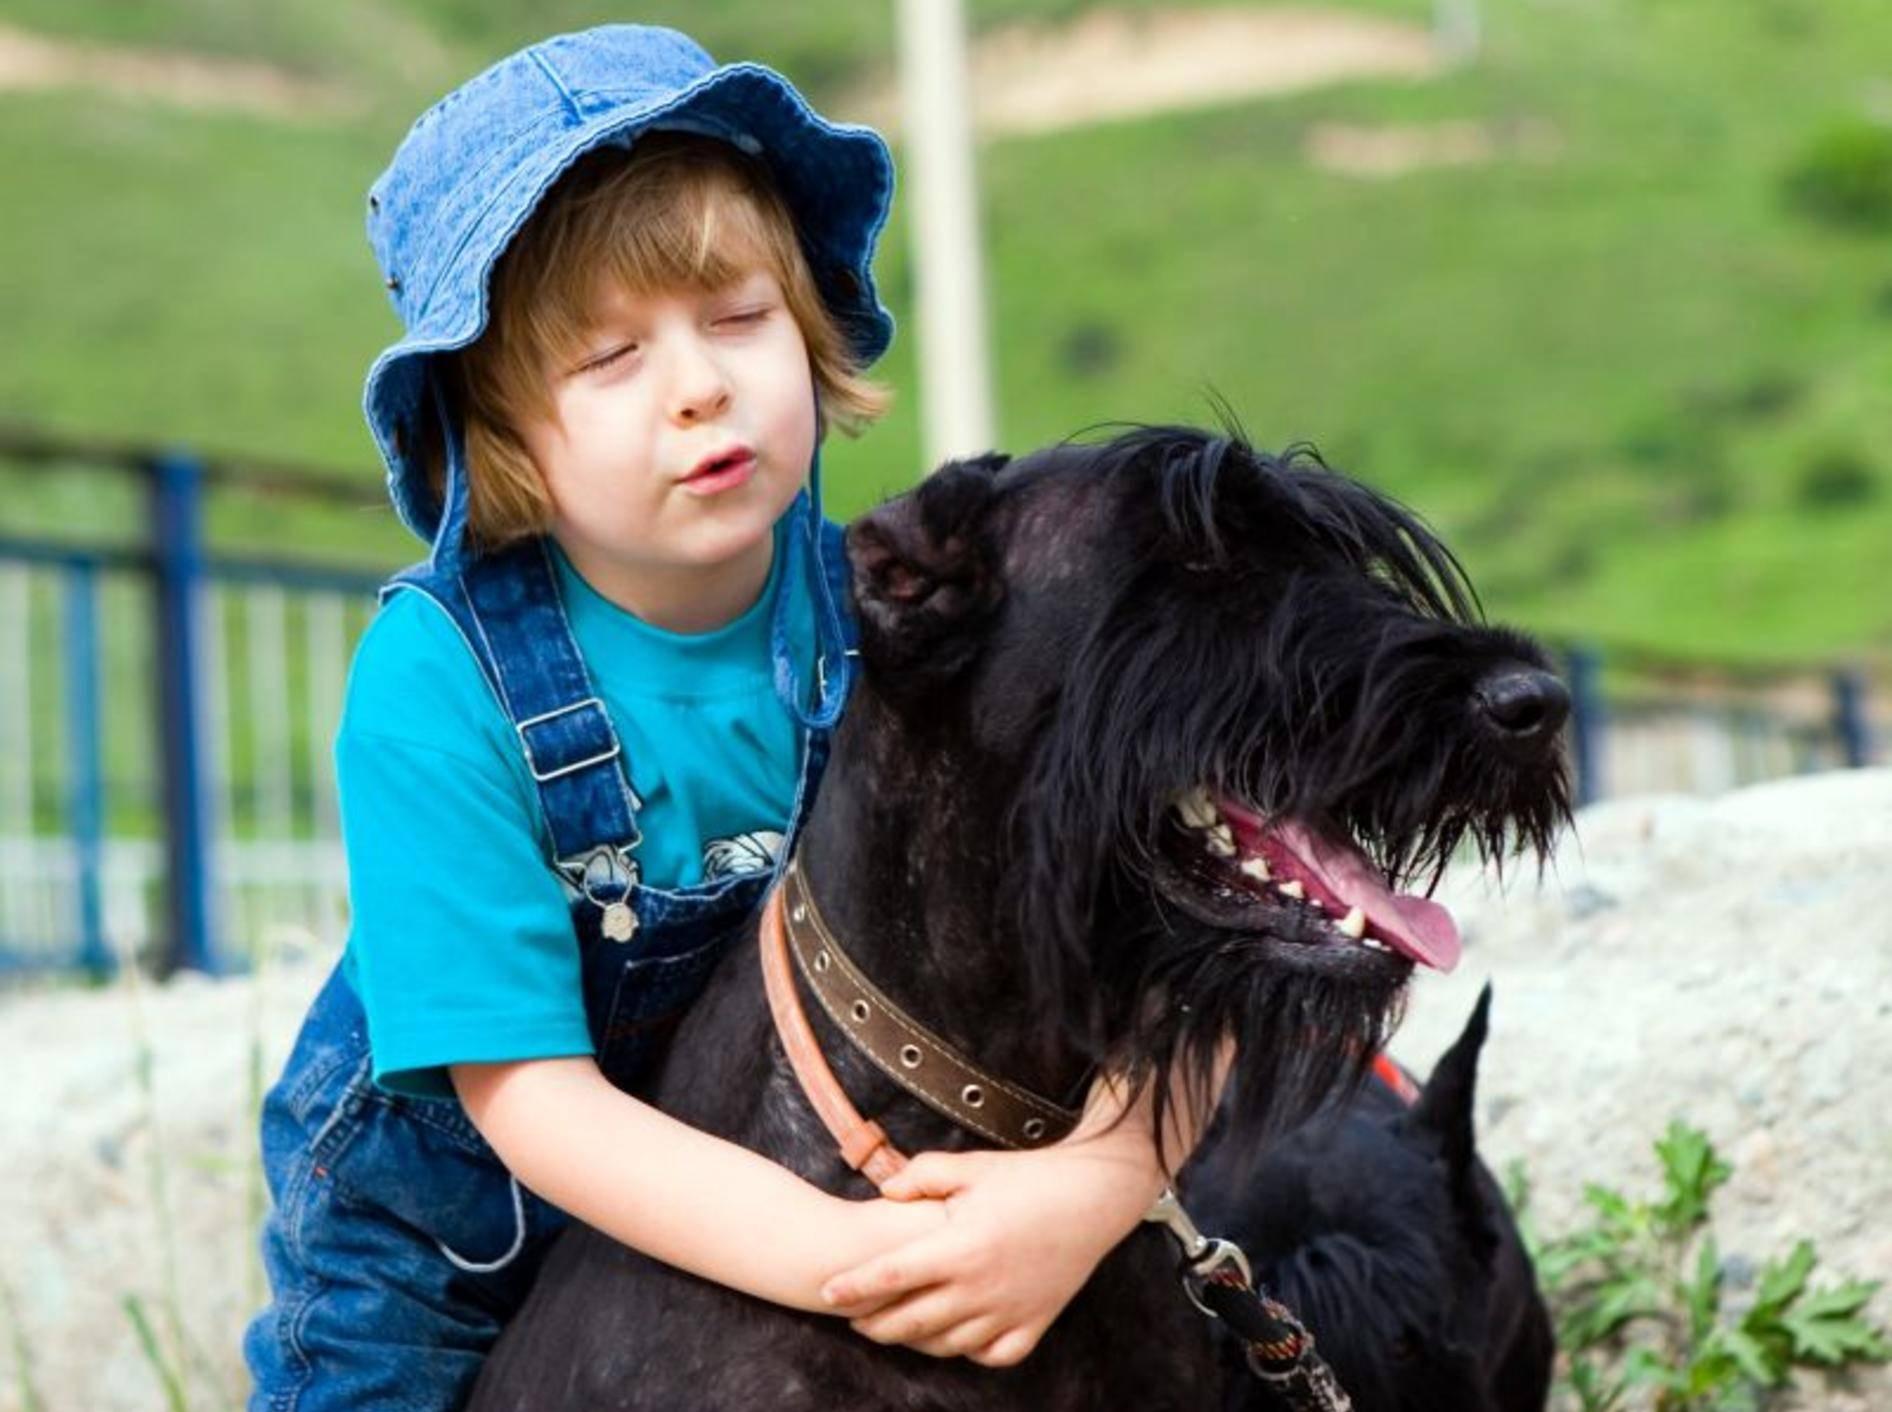 Eine gute Erziehung macht den Riesenschnauzer zum Verlasshund – Bild: Shutterstock / Danila